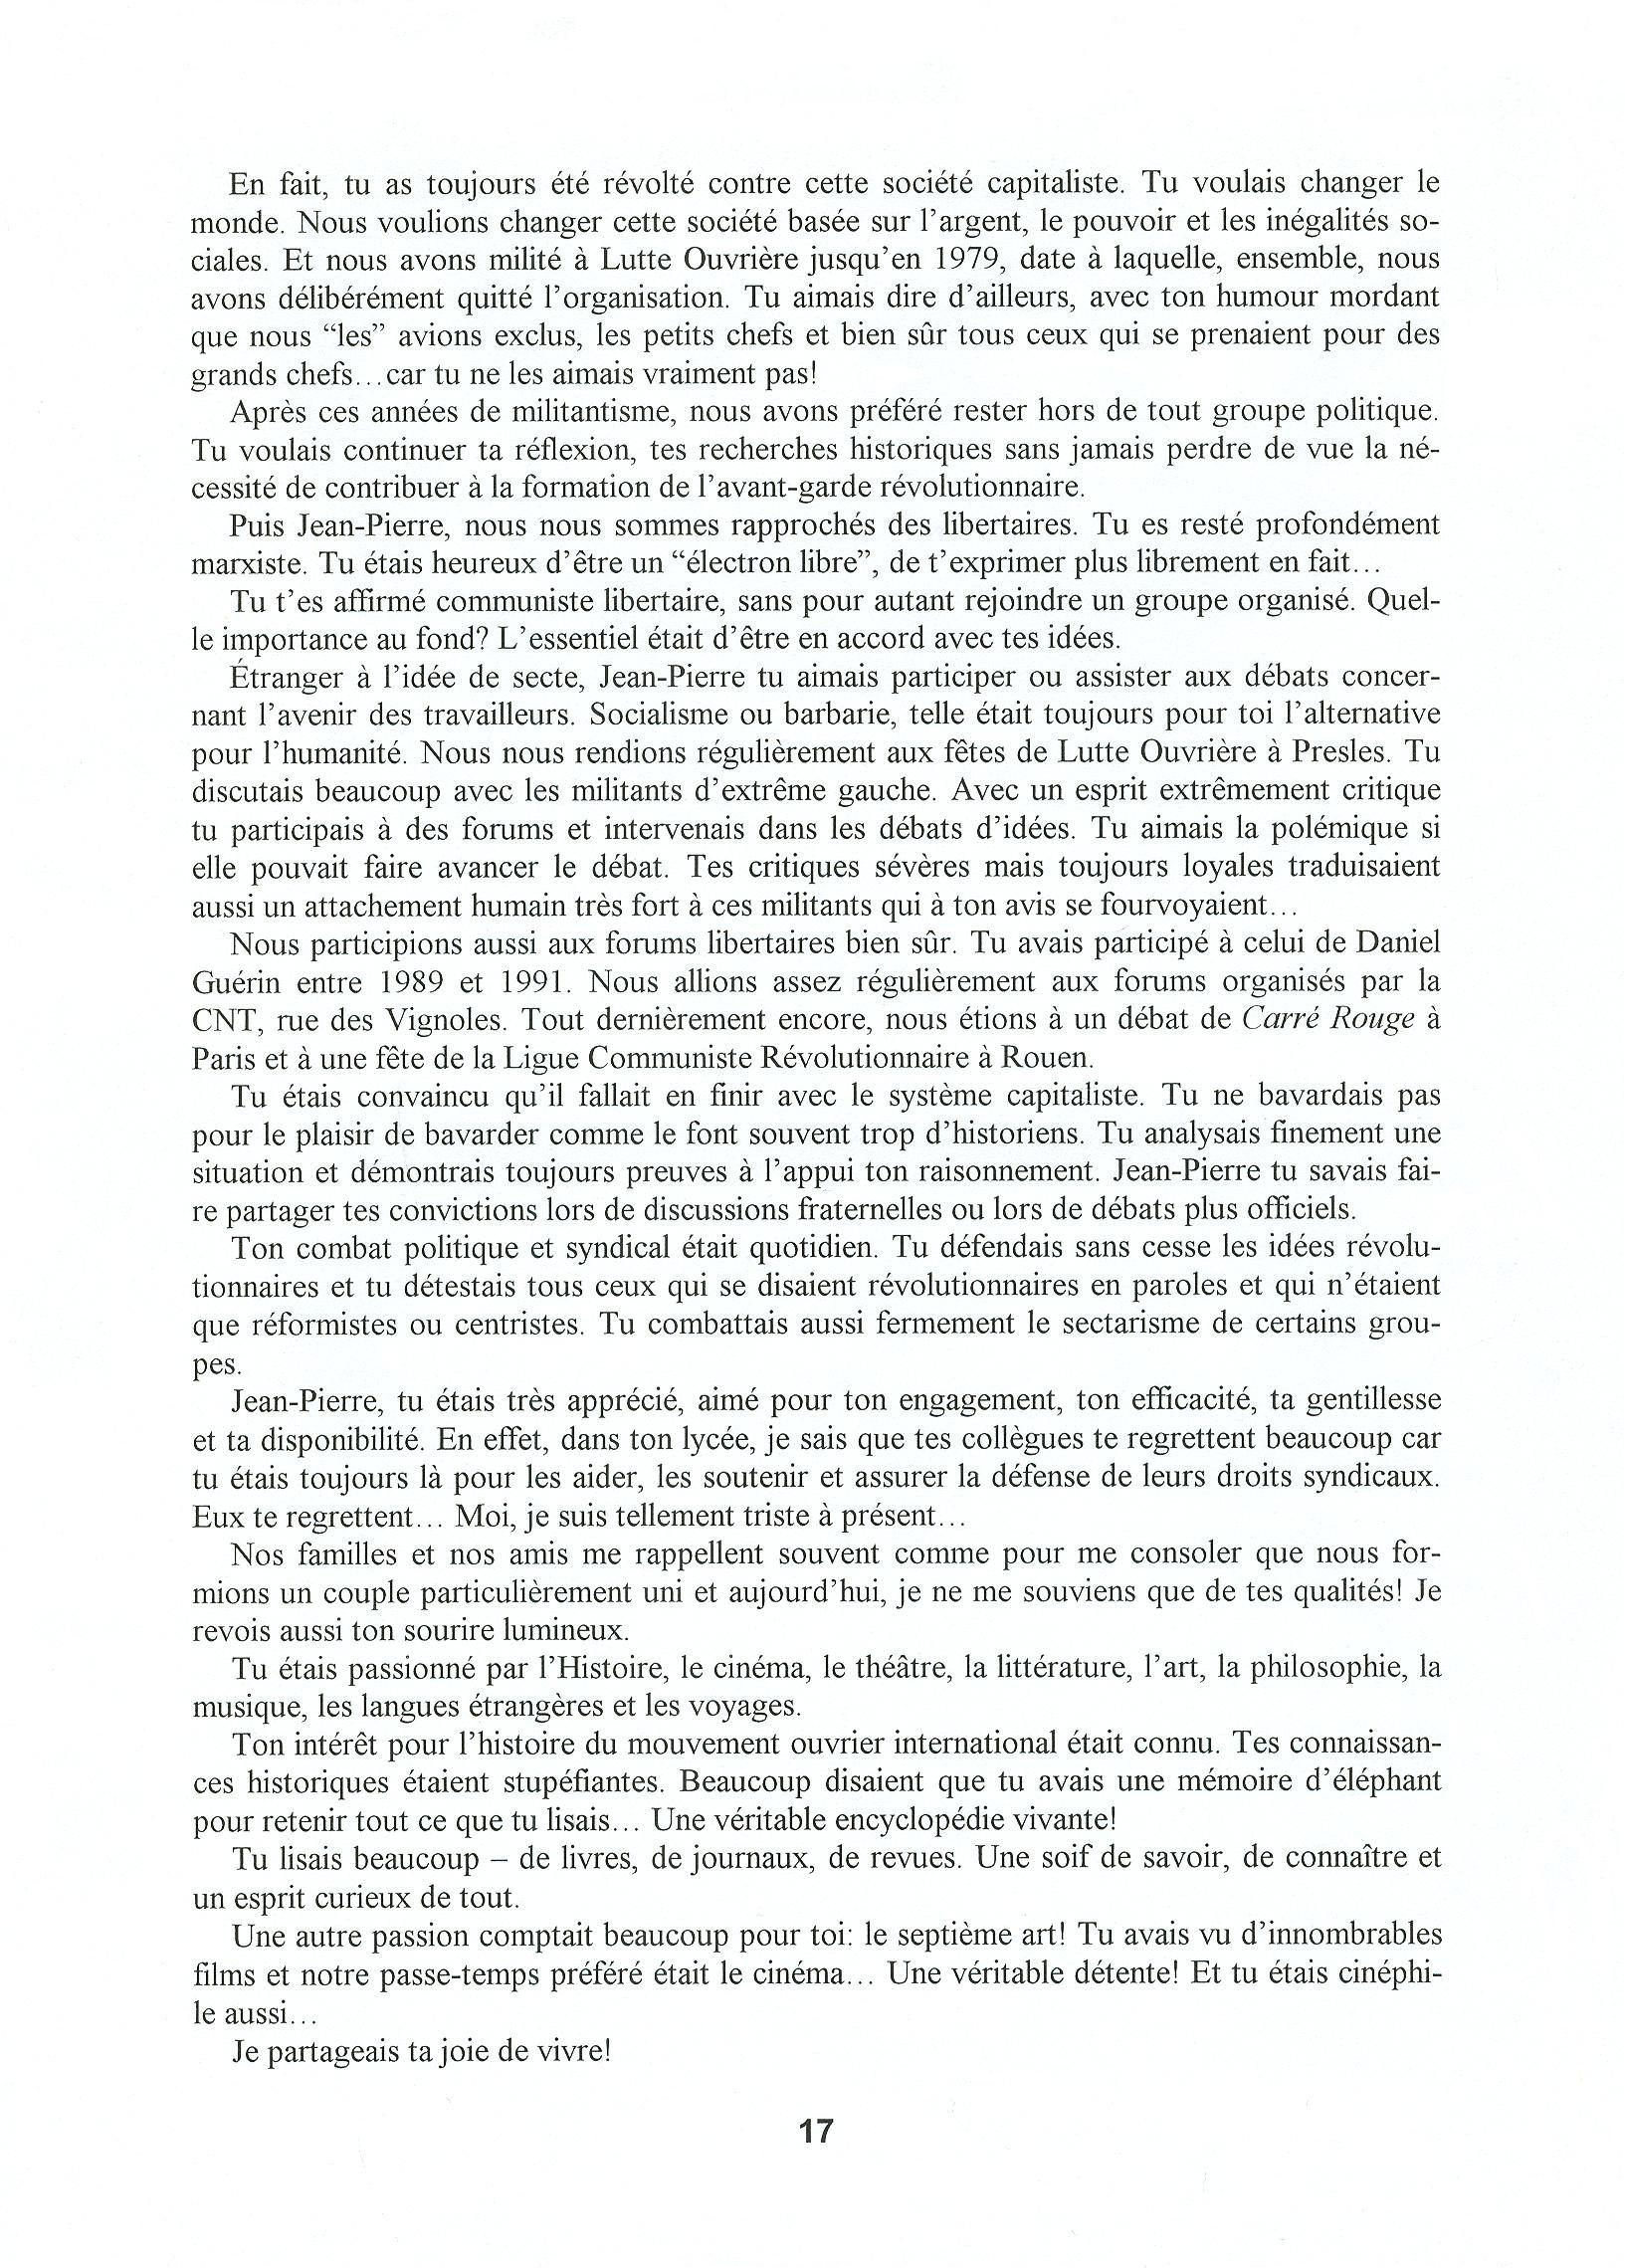 Quaderno n. 32 - pag. 18